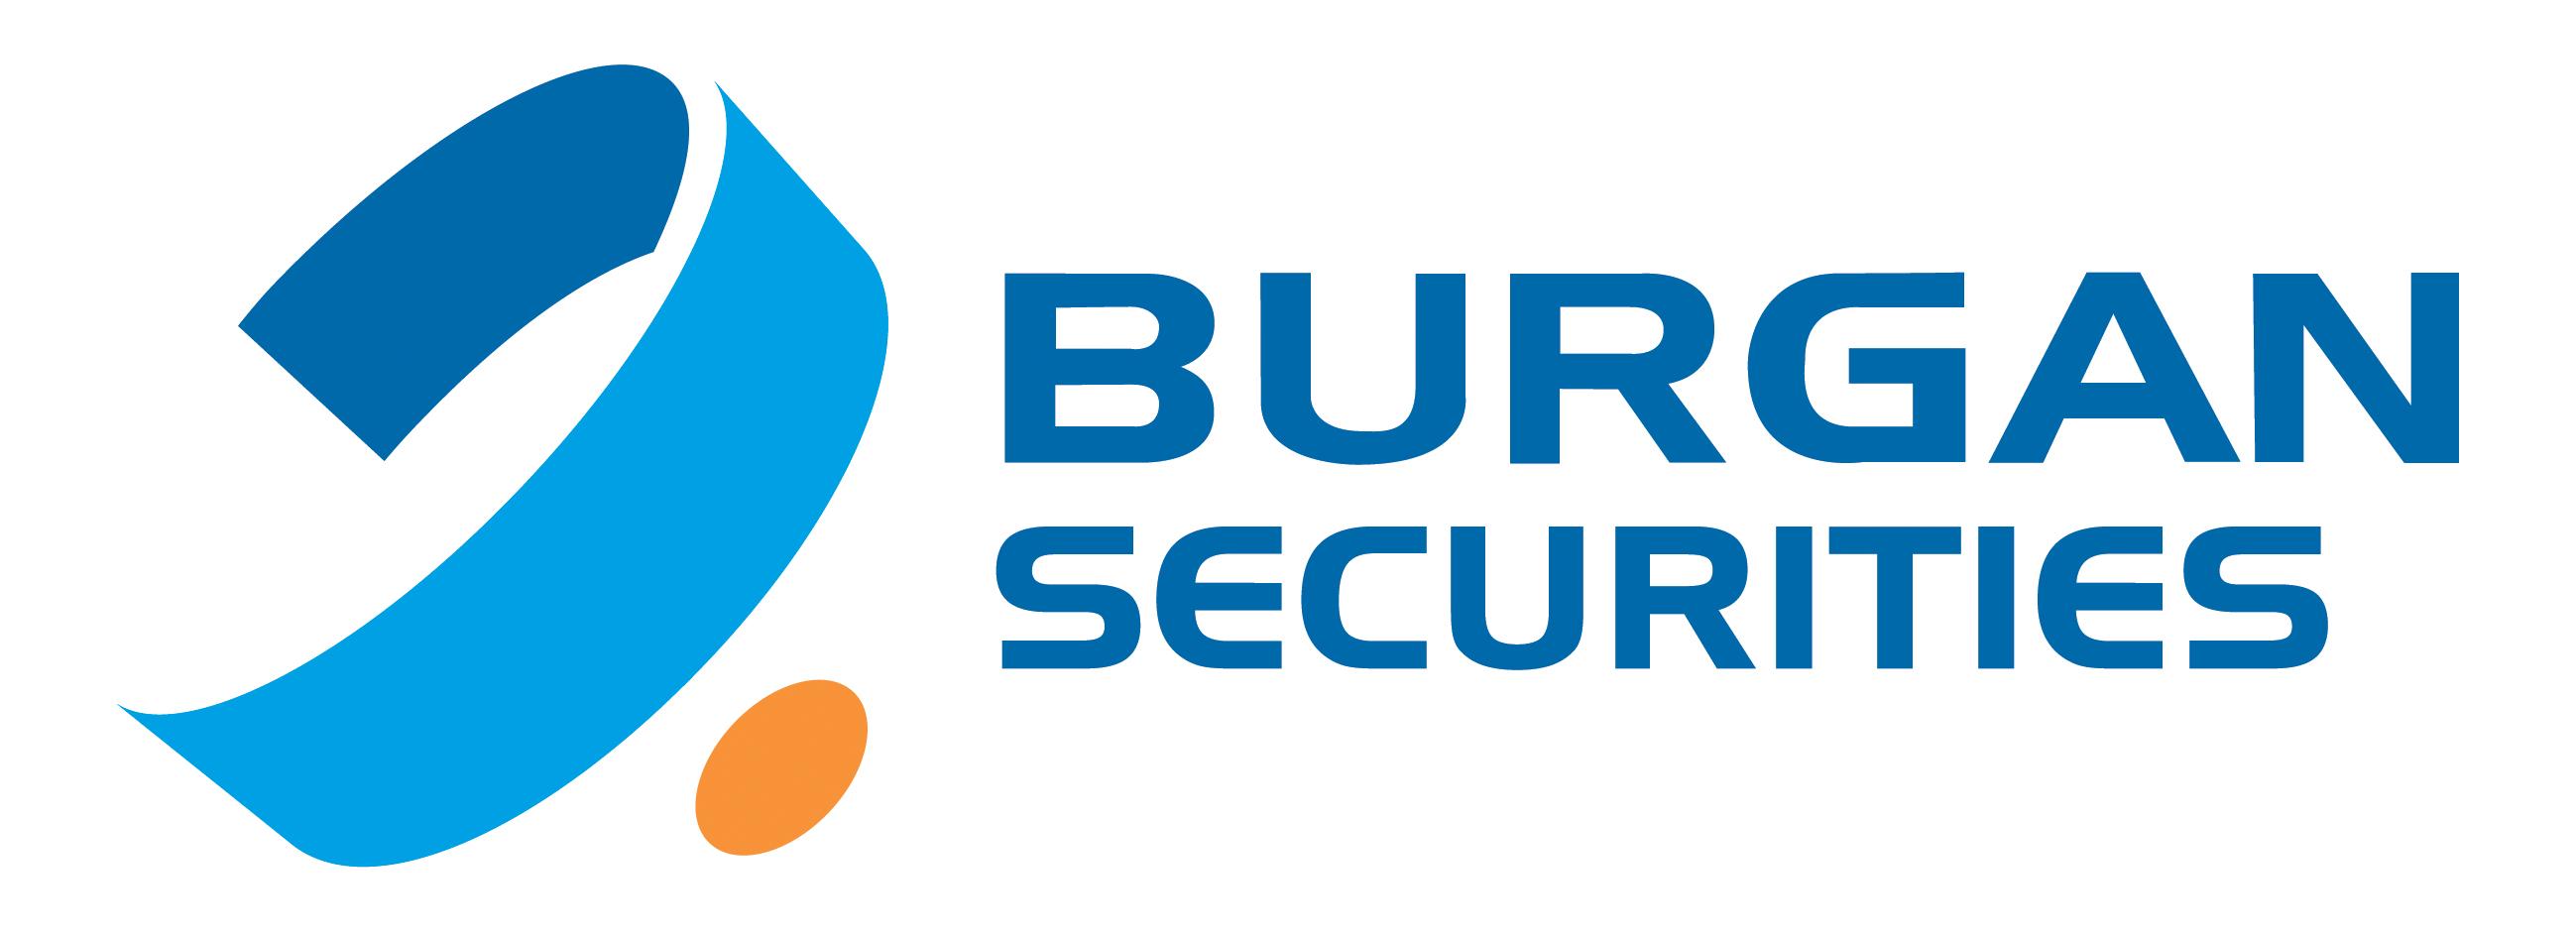 Burgan Bank İhtiyaç Kredisi Kampanyası